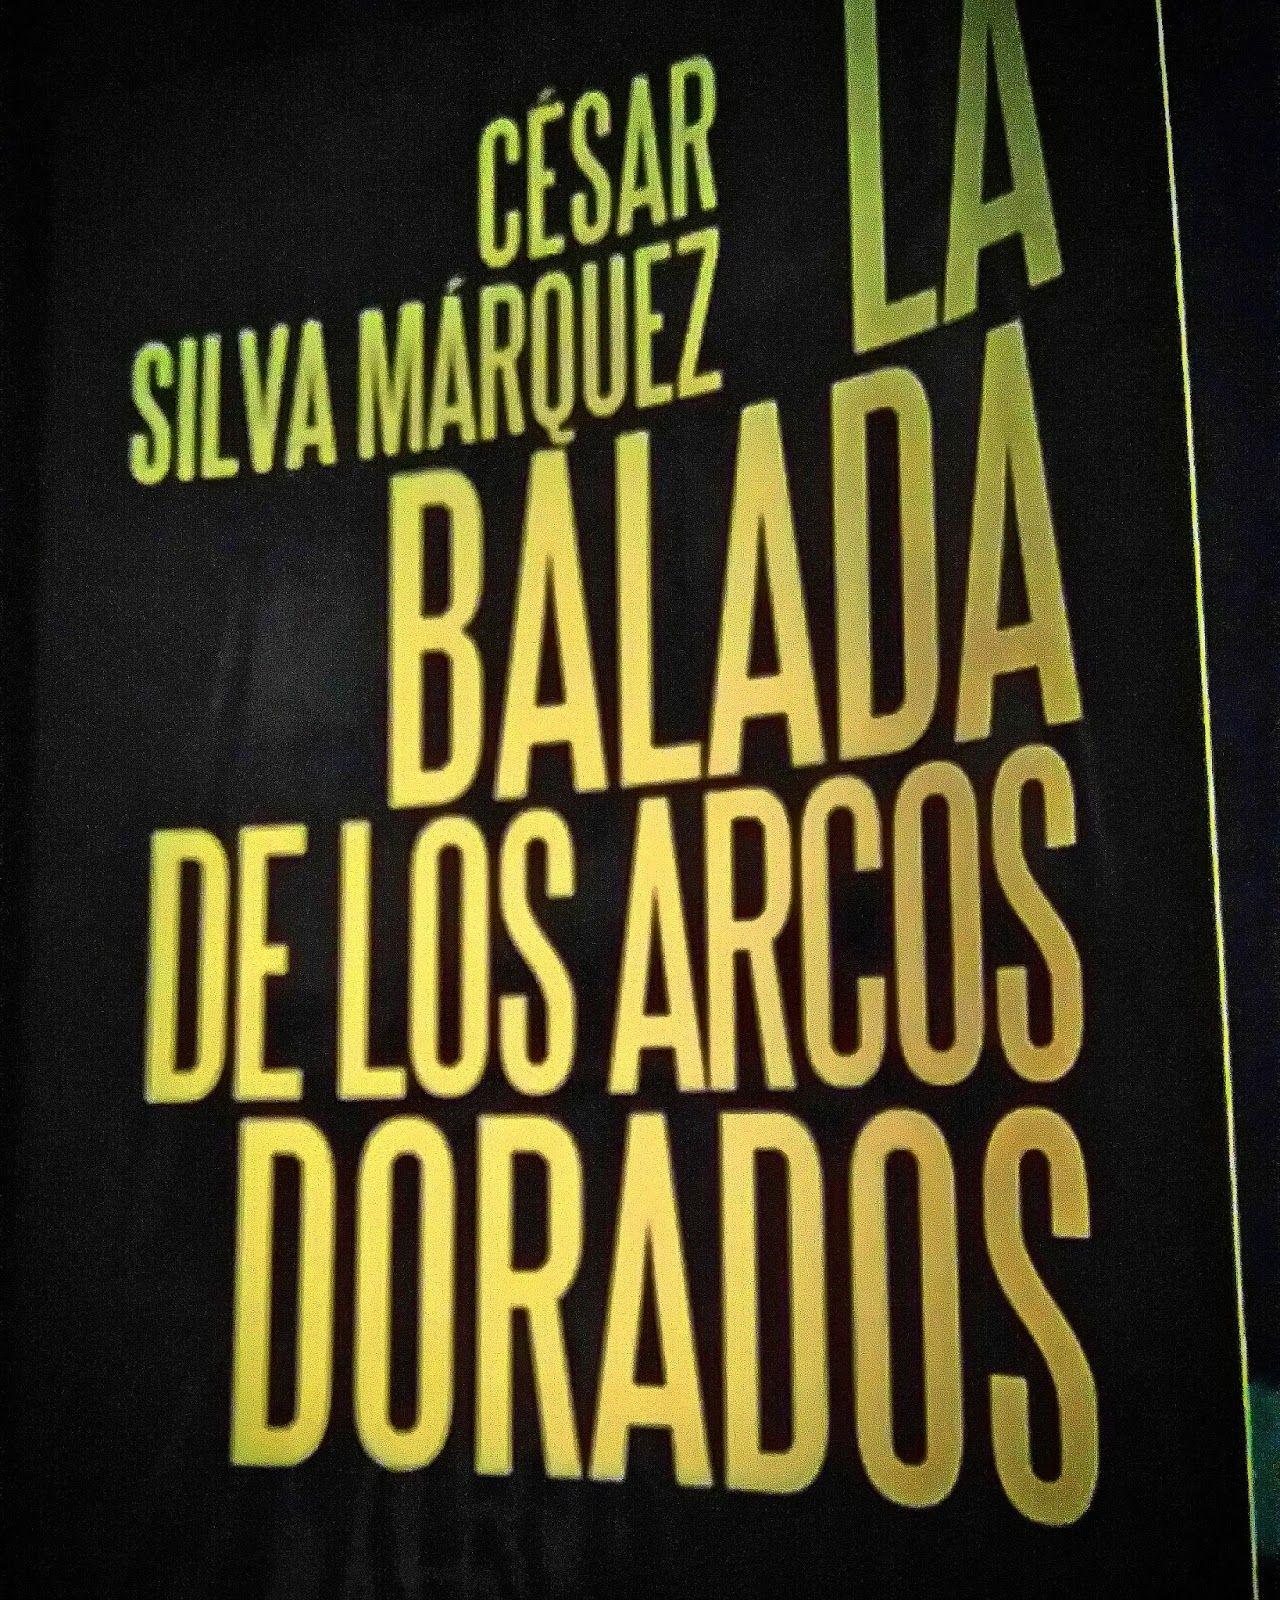 Arcos What Título La Balada De Los Arcos Dorados Autor César Silva Márquez Editorial Almadía Género Novela N Arcos Dorados Balada Blog De Libros